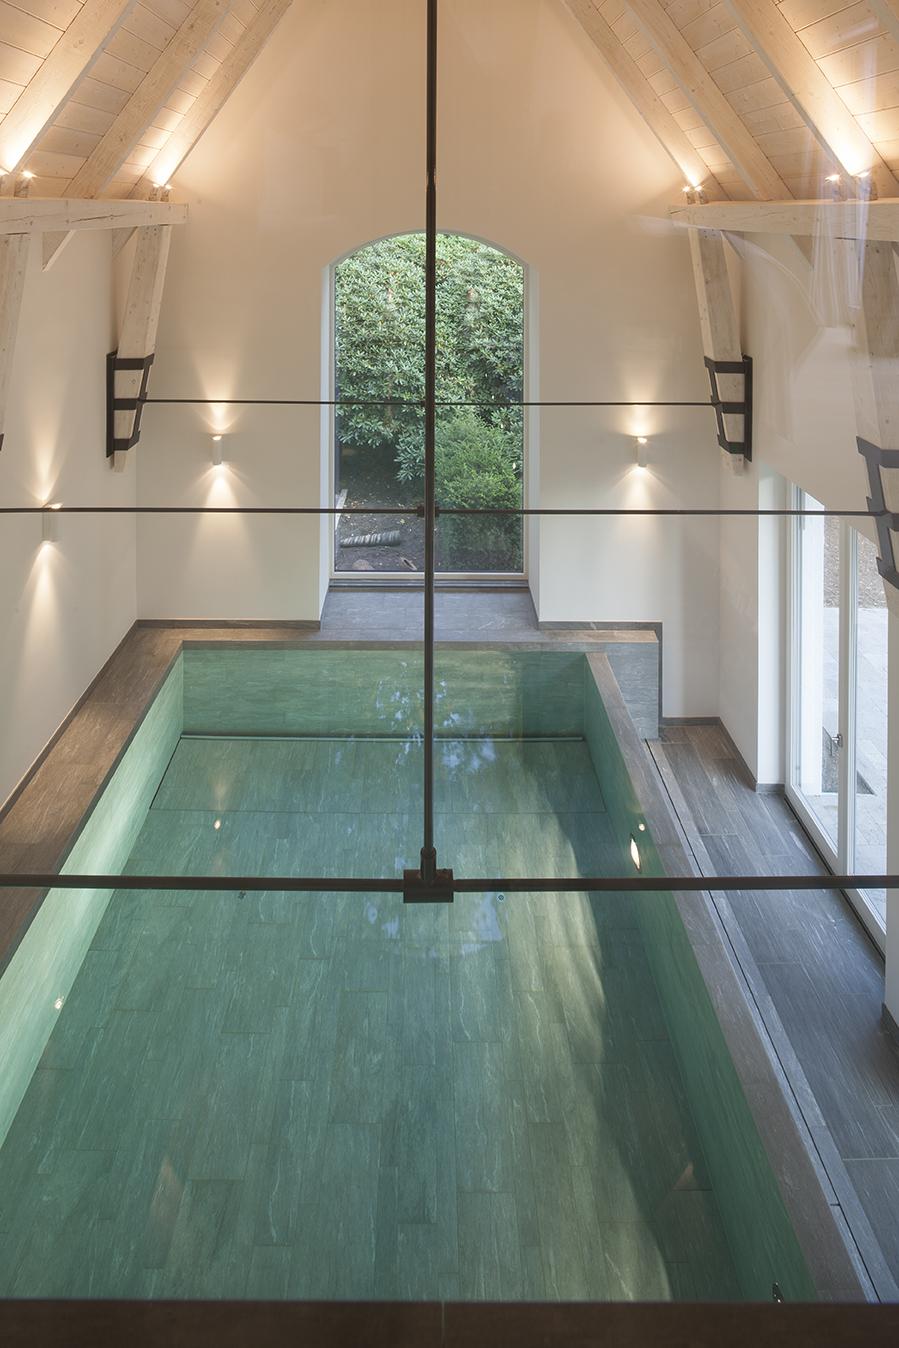 Piastrelle per piscina cast - Piastrelle per piscina ...